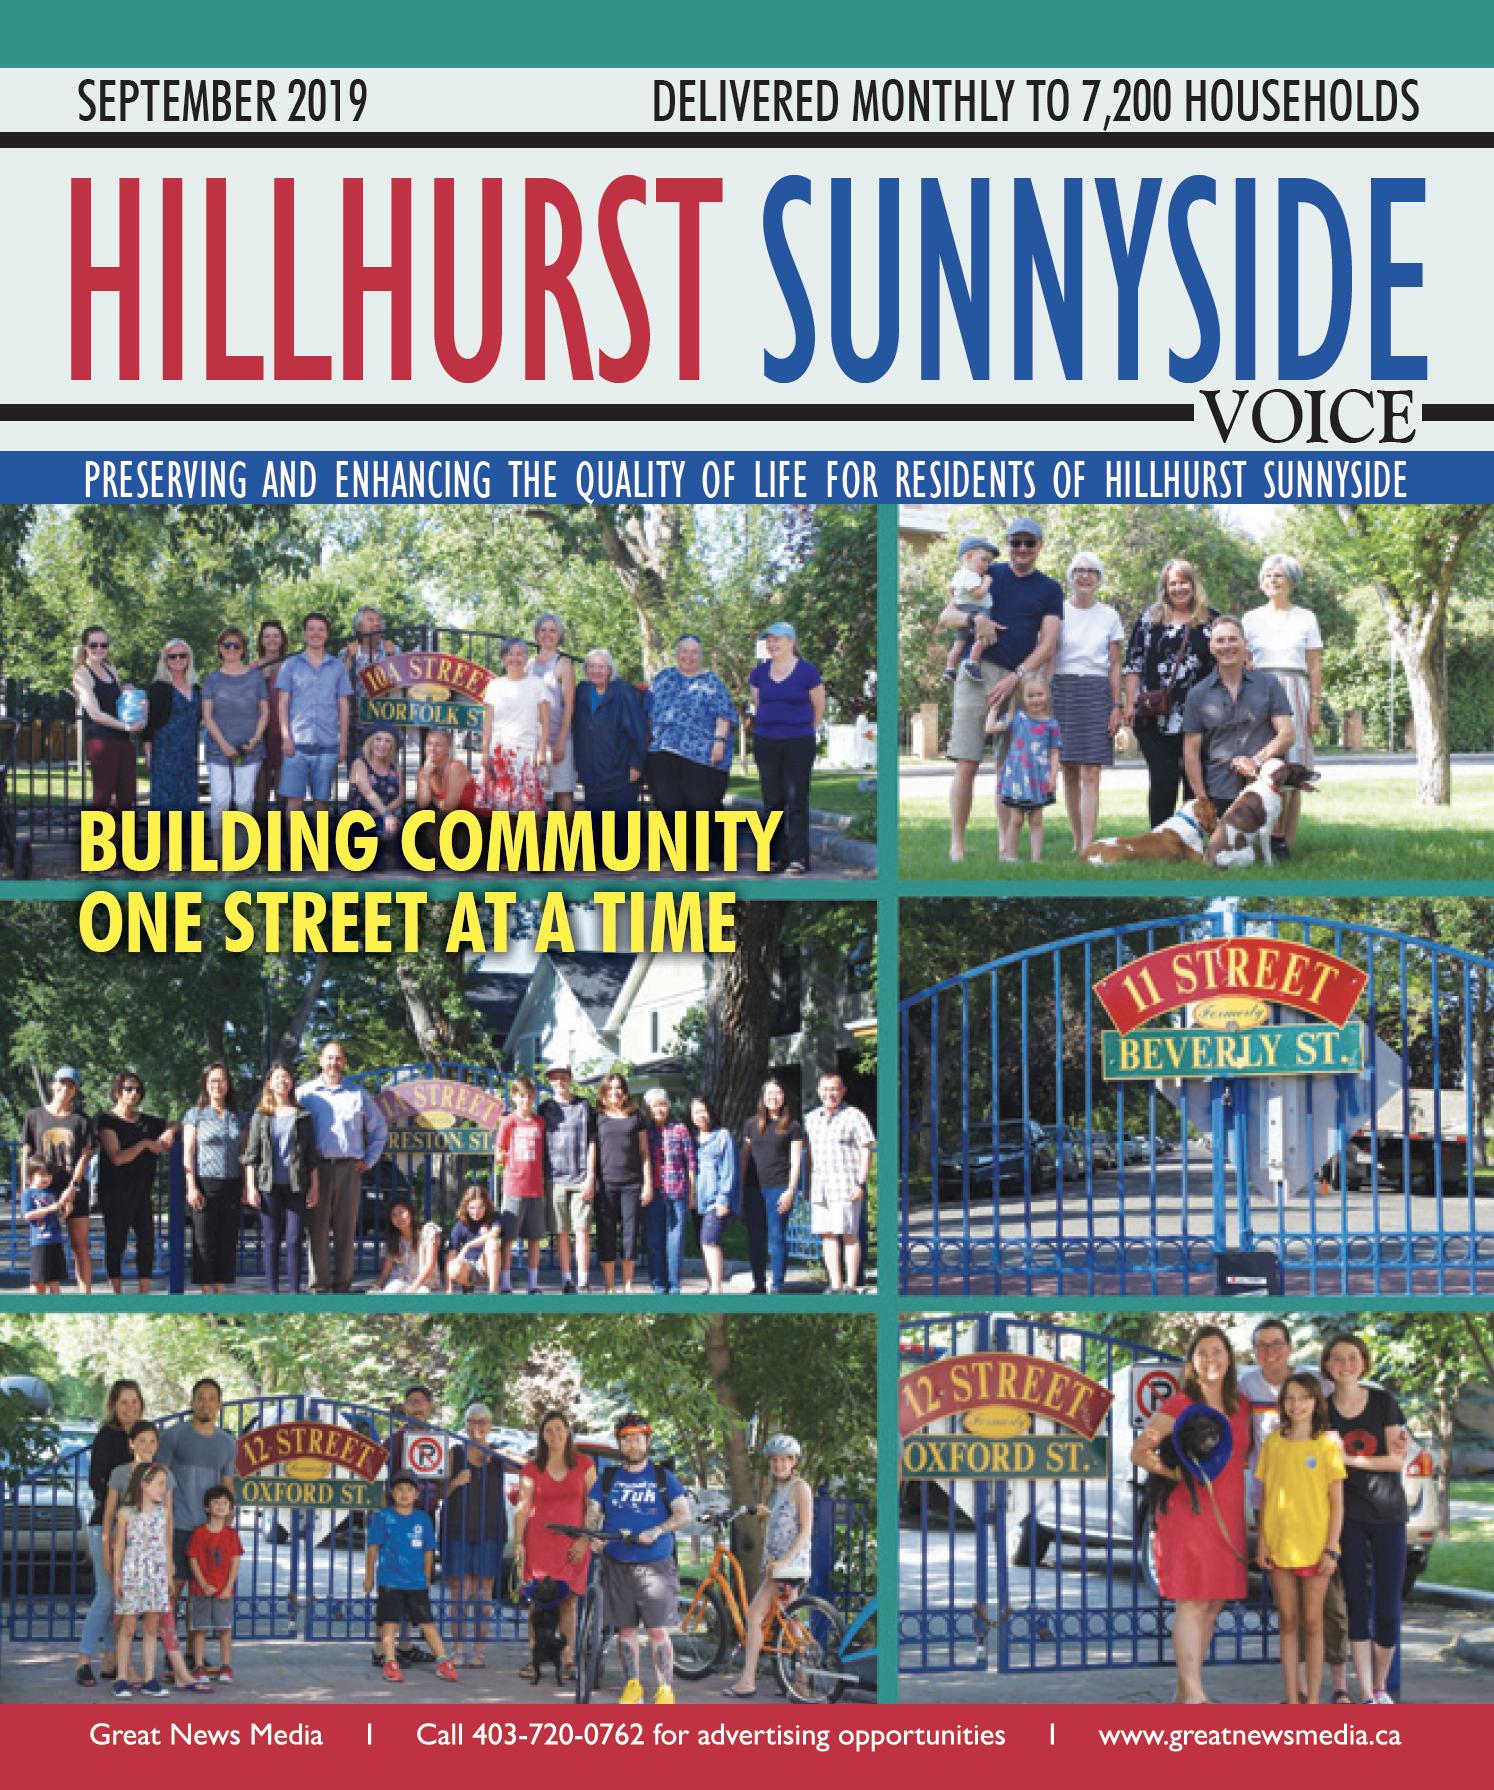 The Hillhurst Sunnyside VOICE, September 2019 Edition